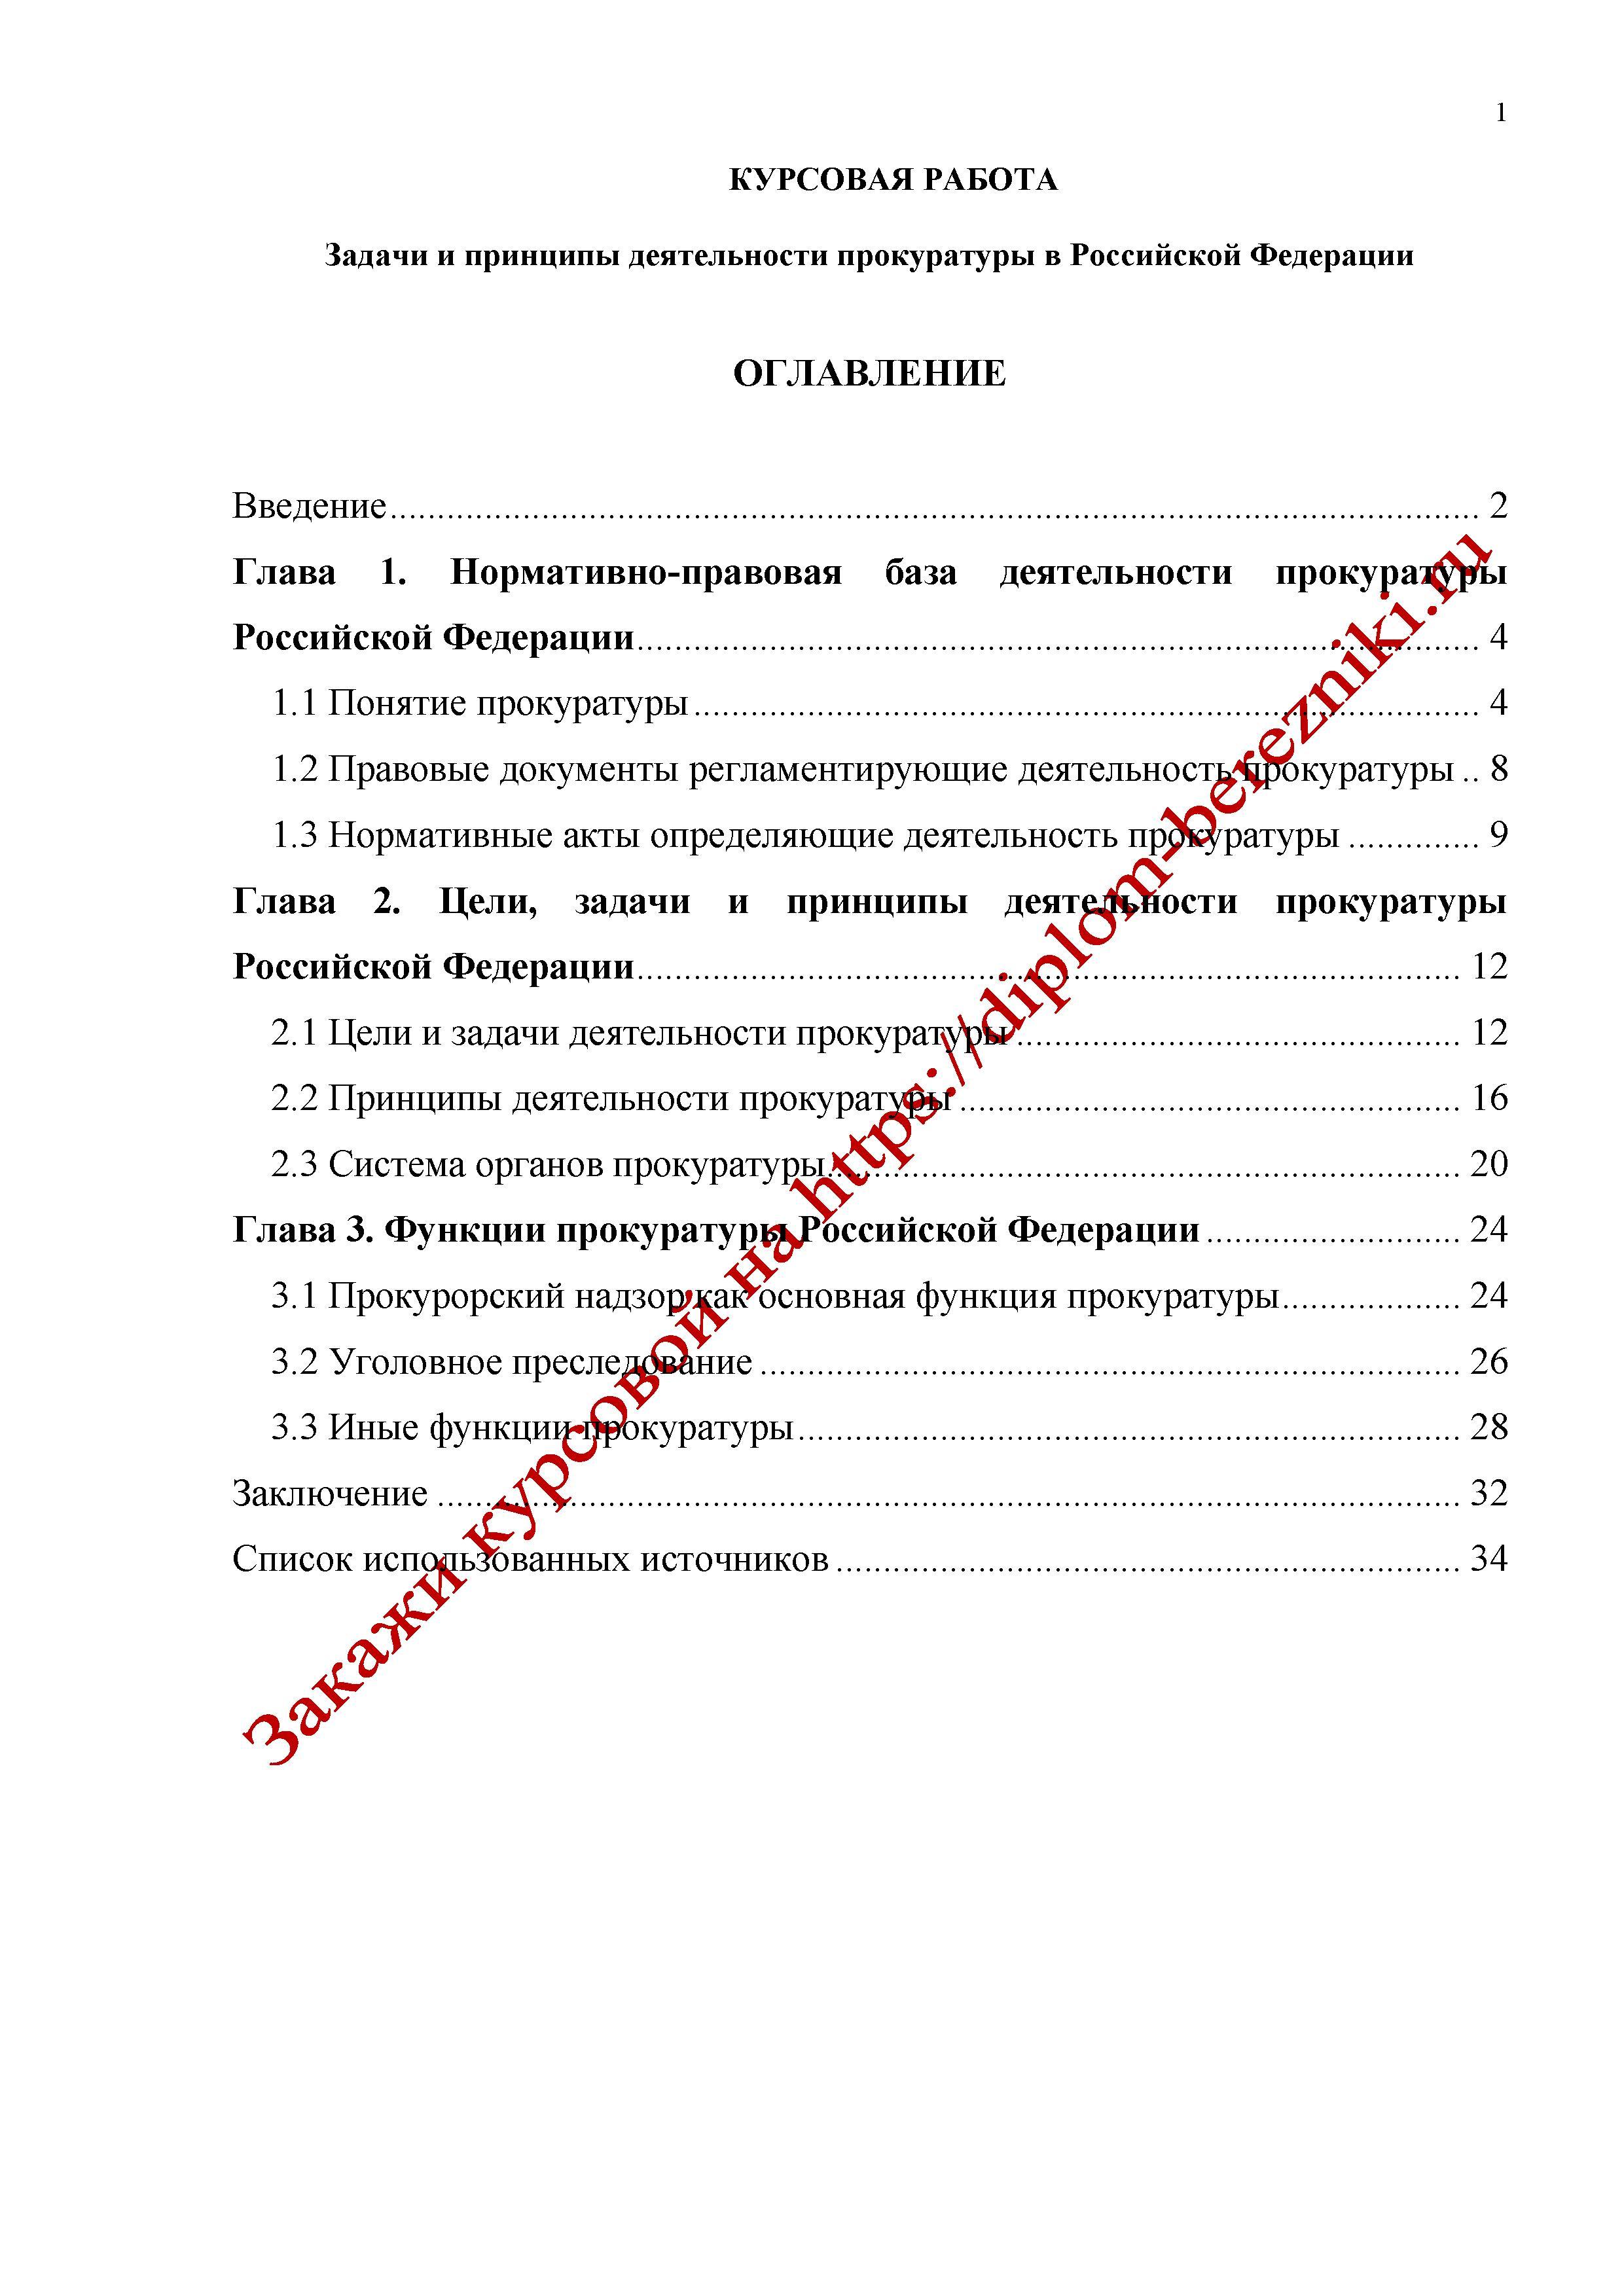 Задачи и принципы деятельности прокуратуры в Российской Федерации